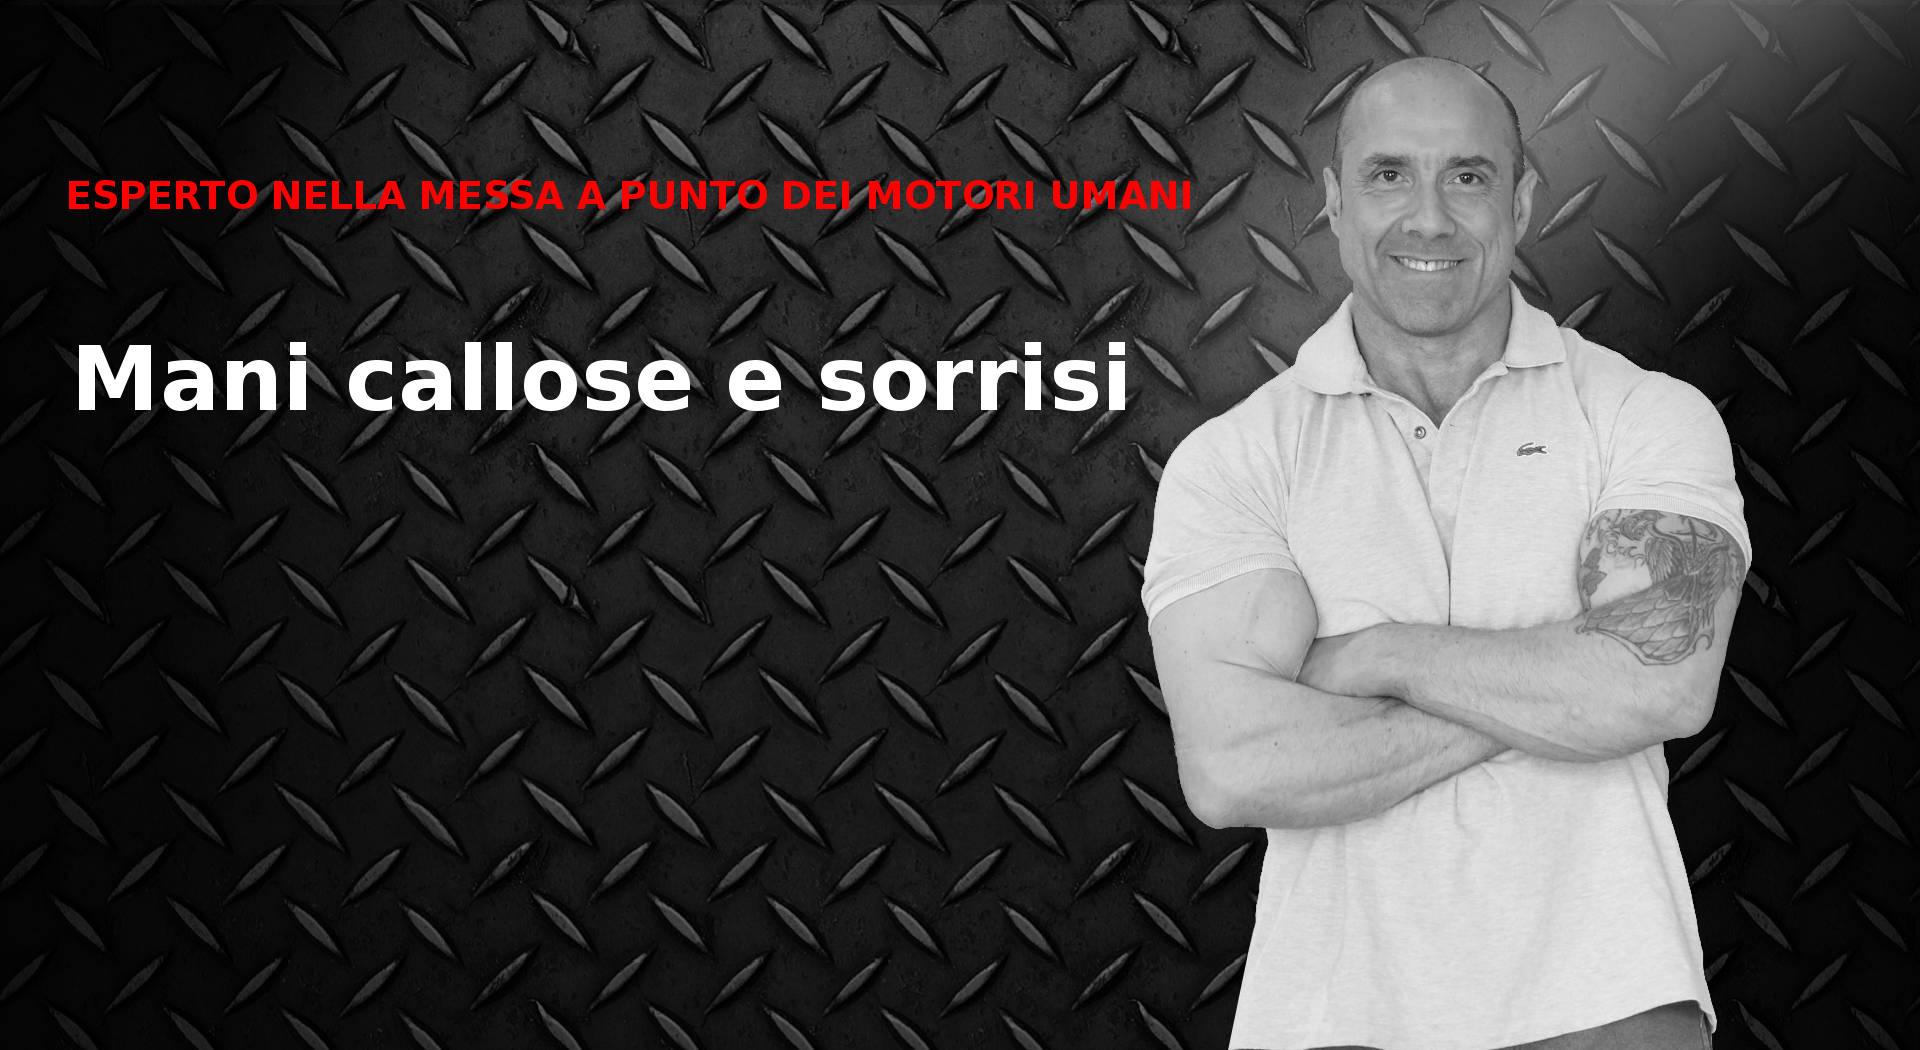 piero_nocerino_slide1_1920_1050_tx